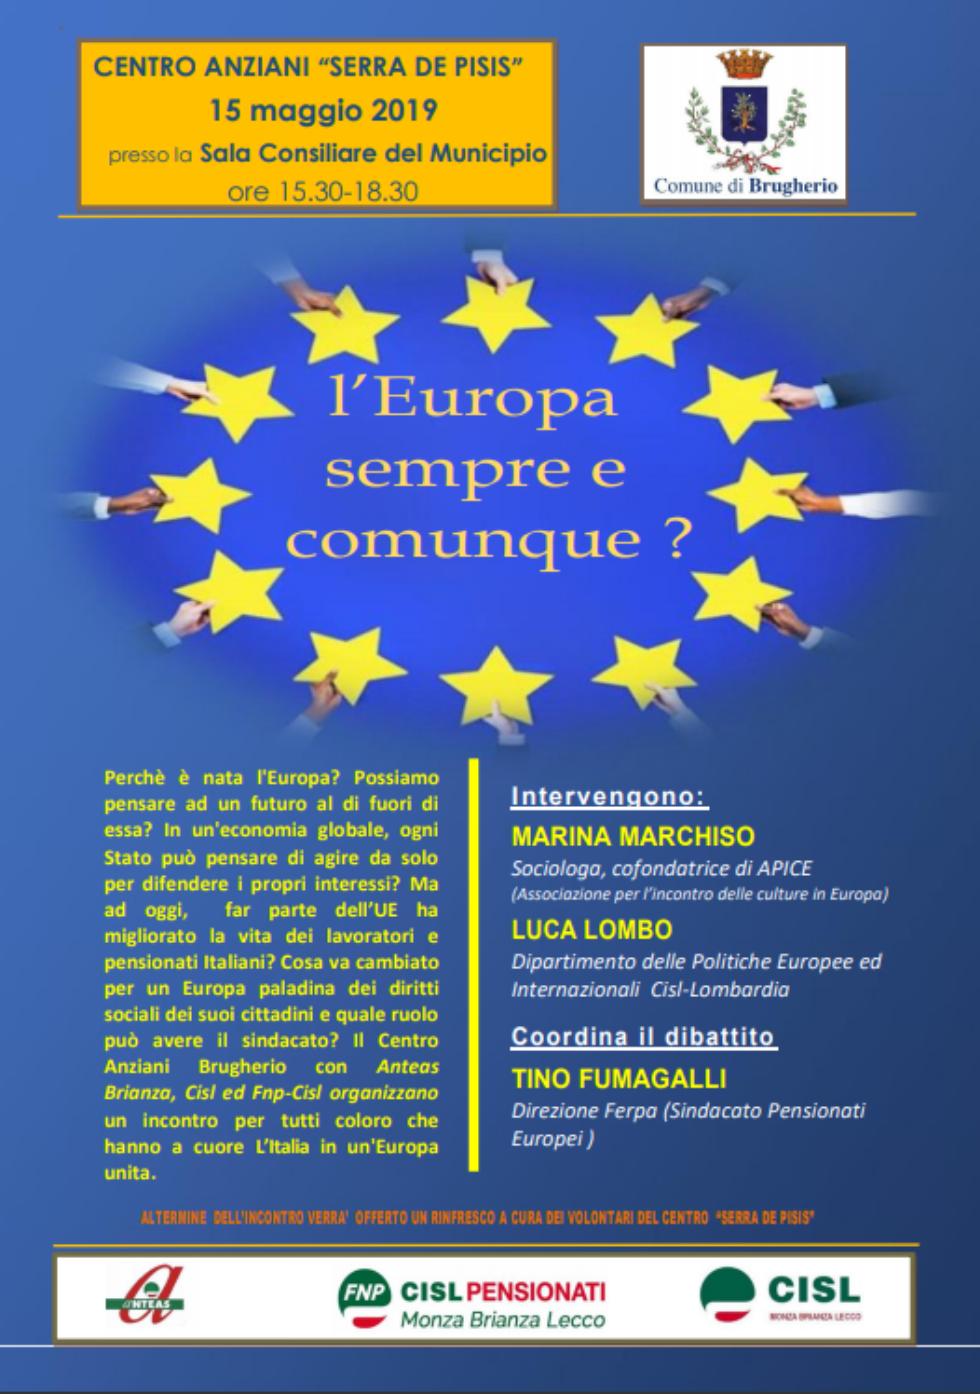 Incontro a Brugherio sull'Europa